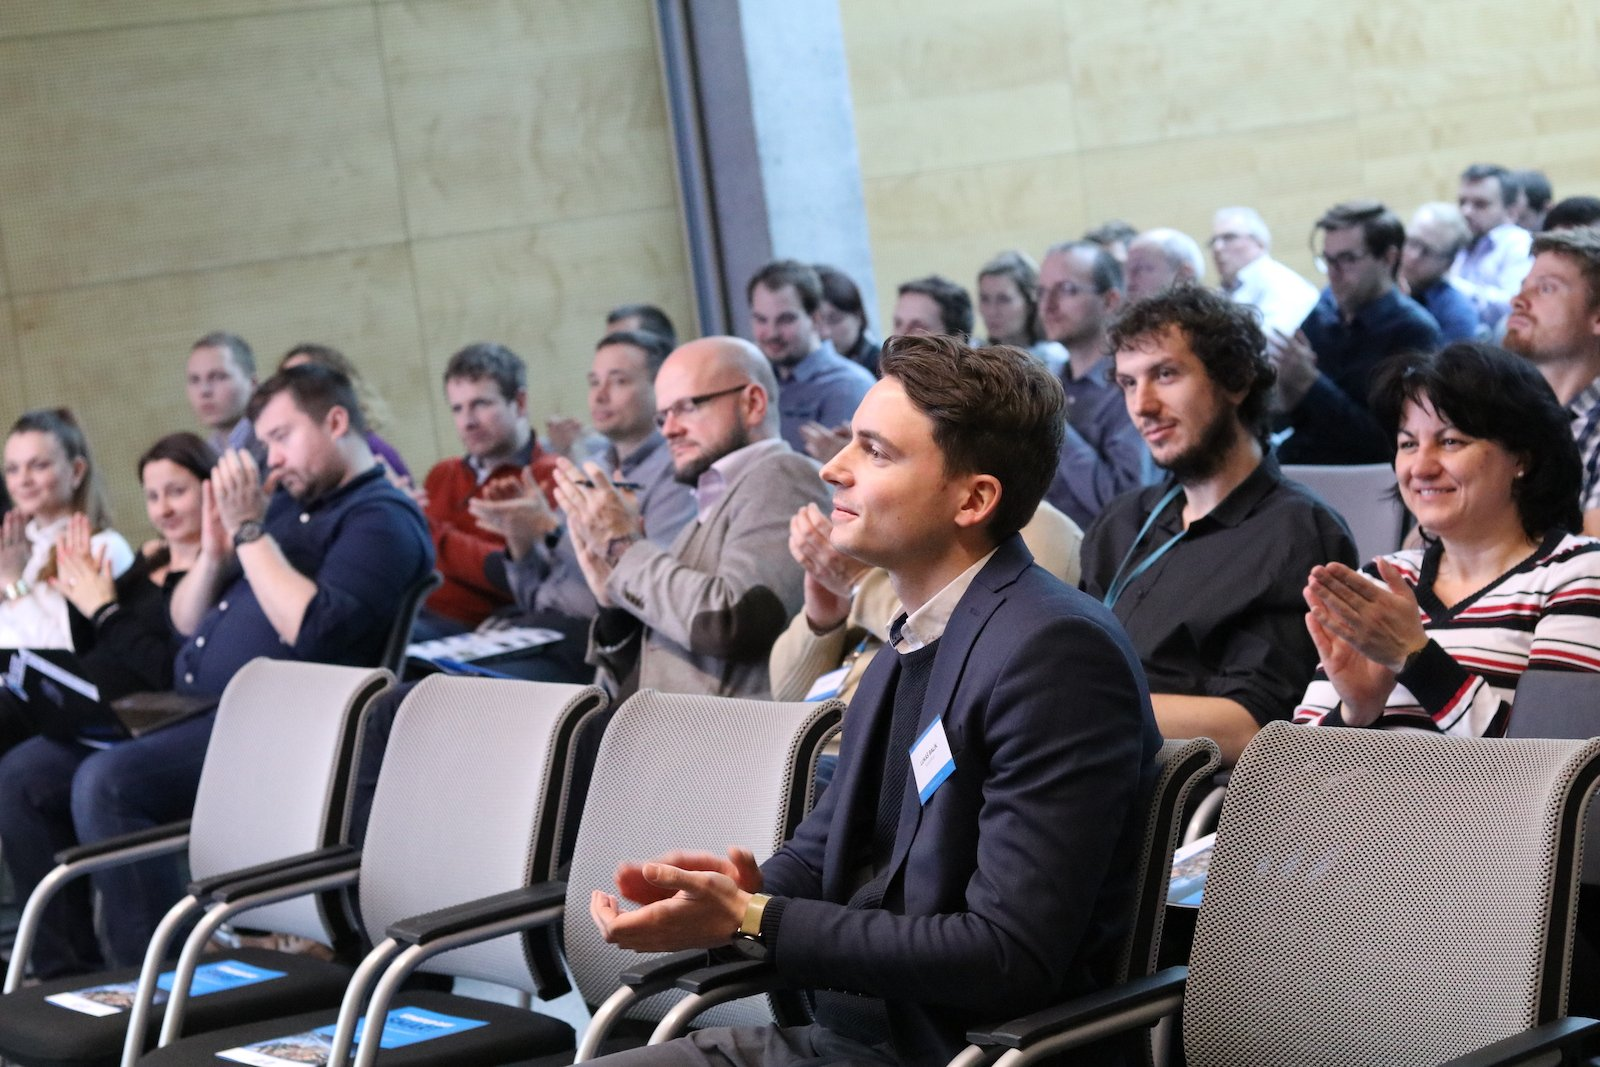 Inovační event Startup Day